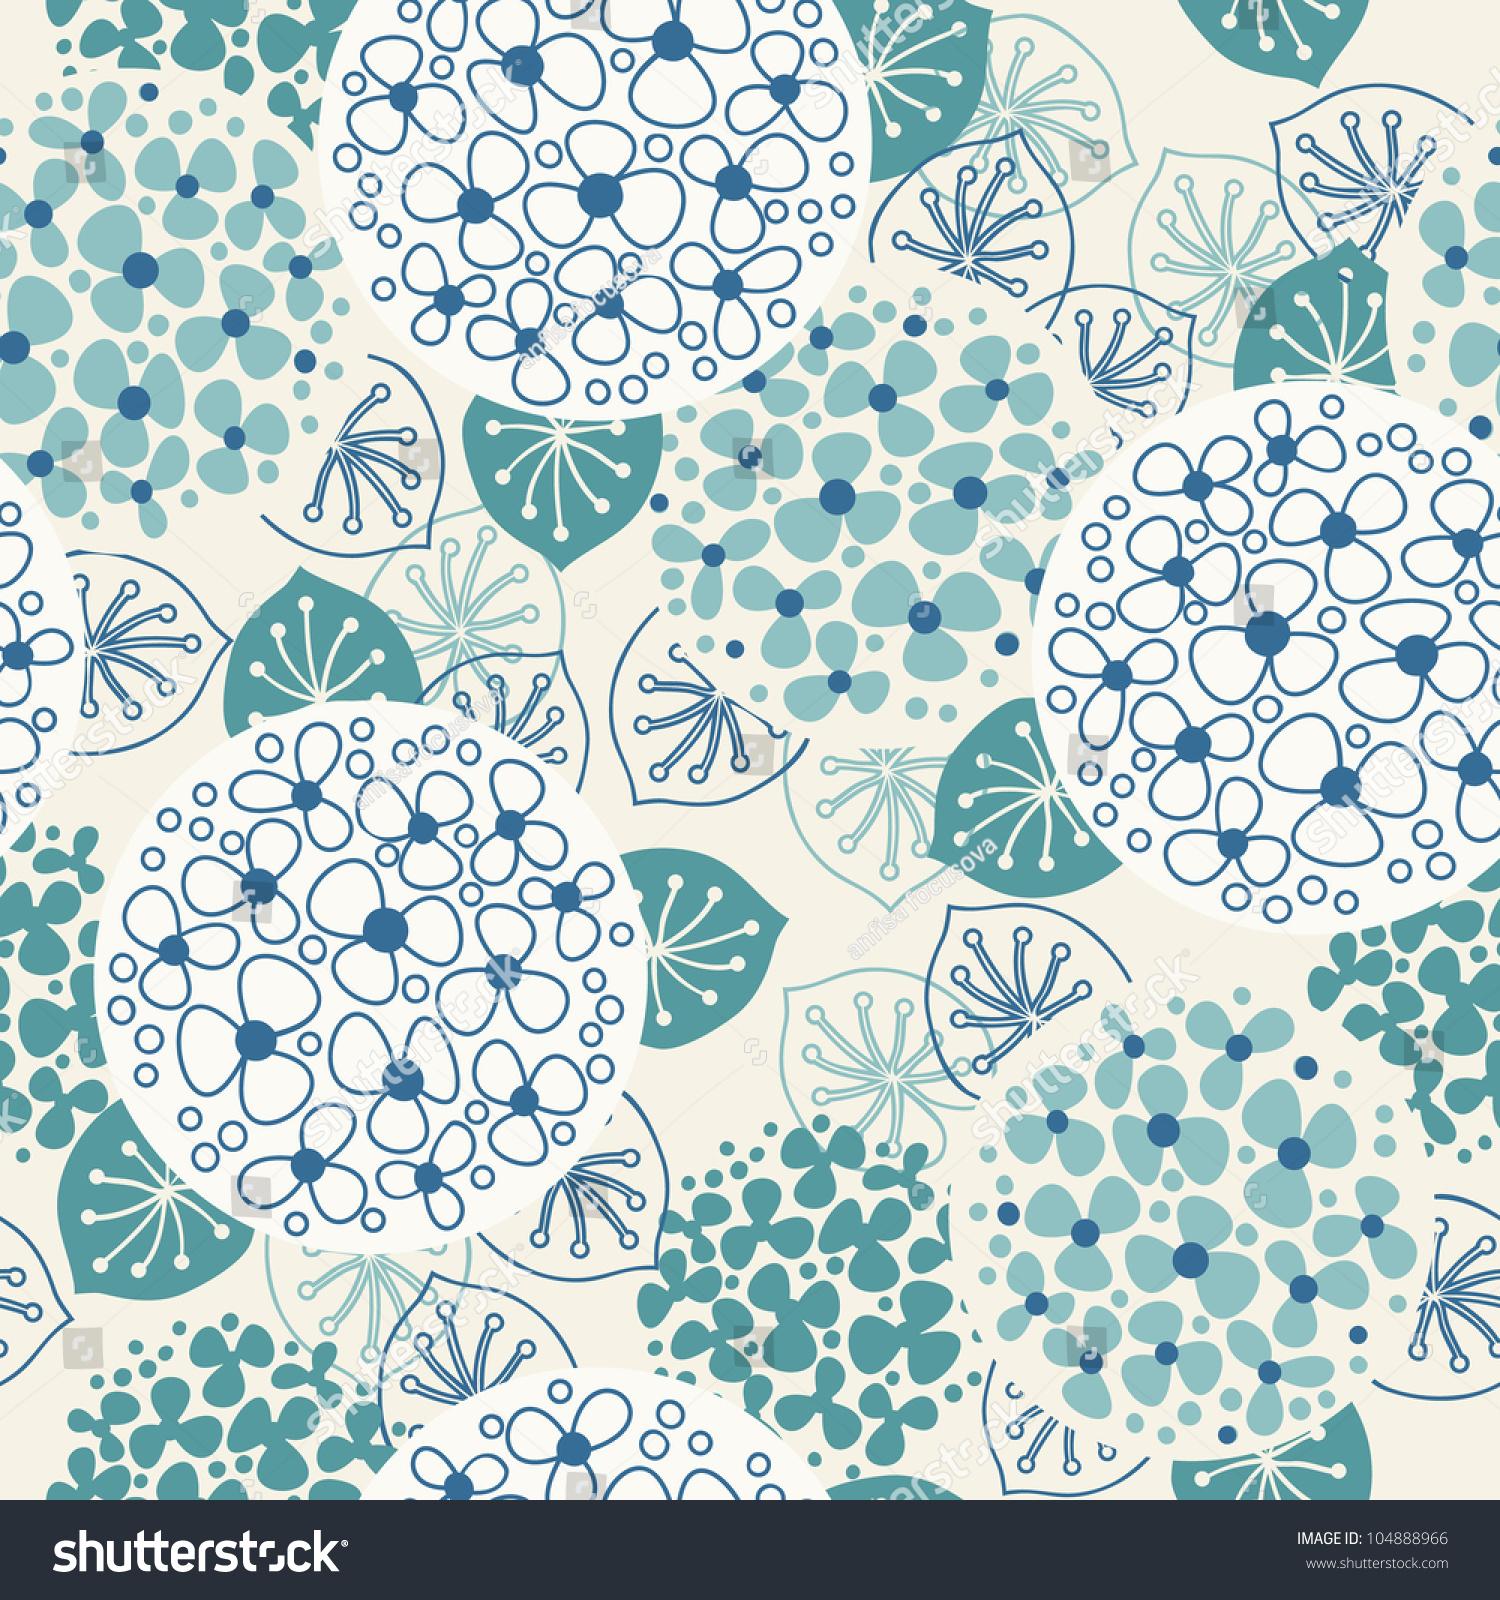 blue vintage floral pattern